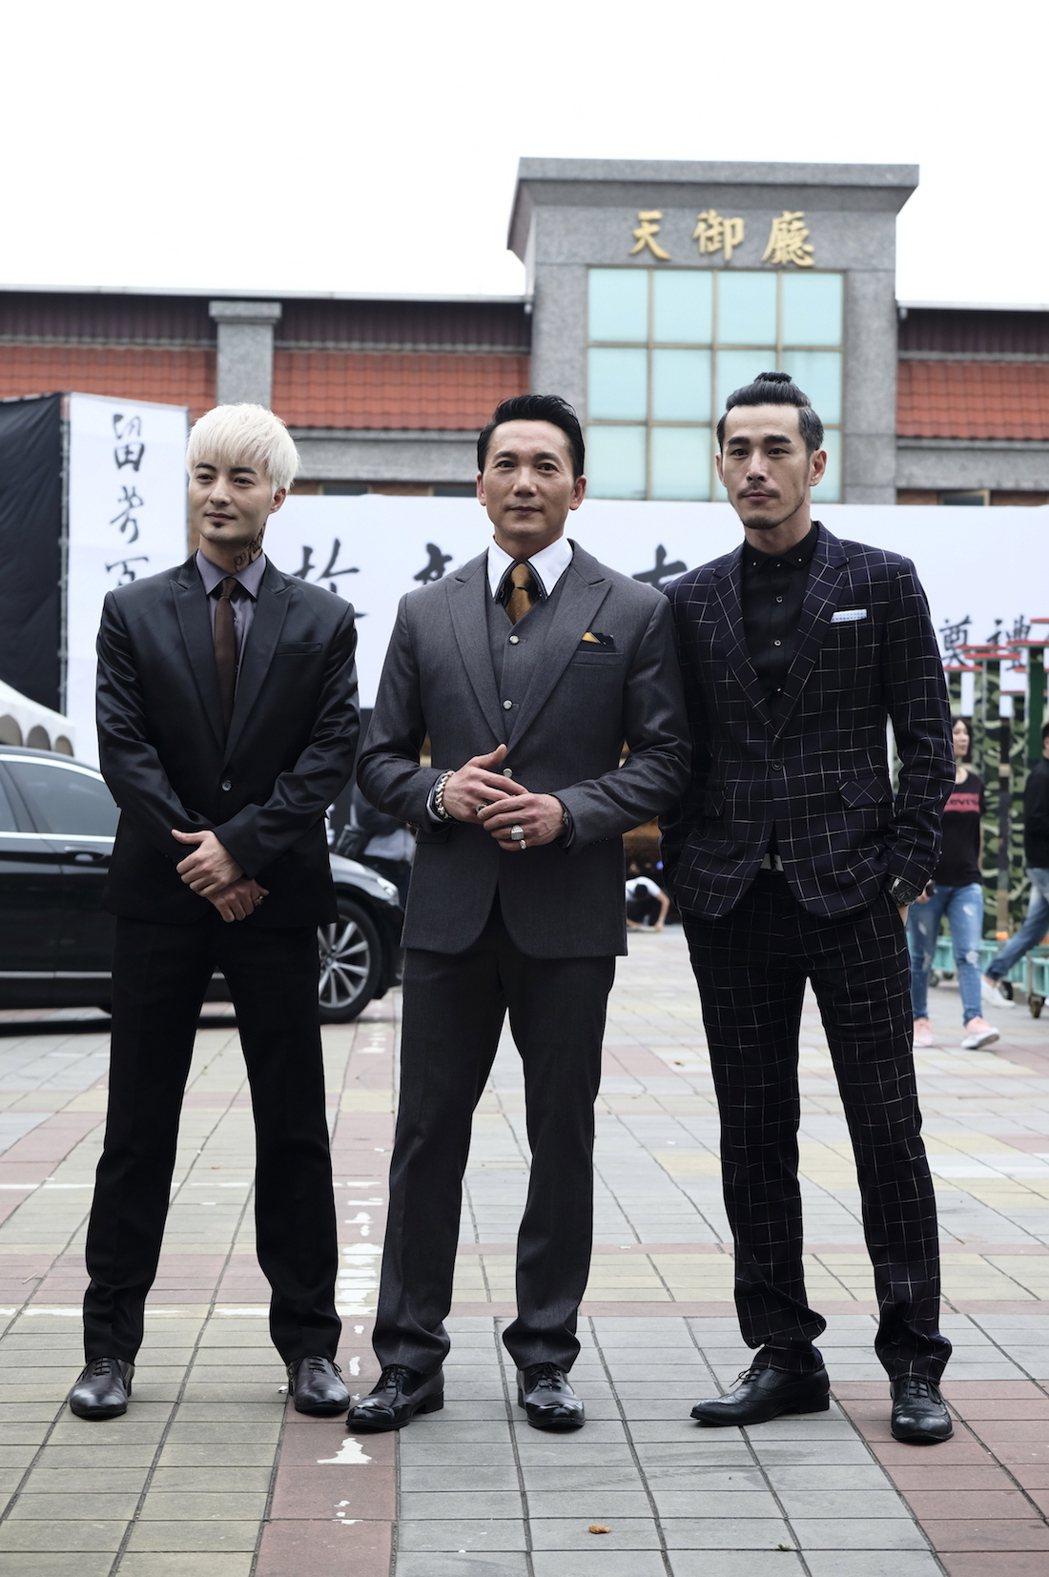 「角頭2-王者再起」古斌、鄒兆龍以及黃騰浩飾演外省幫派。圖/理大國際提供